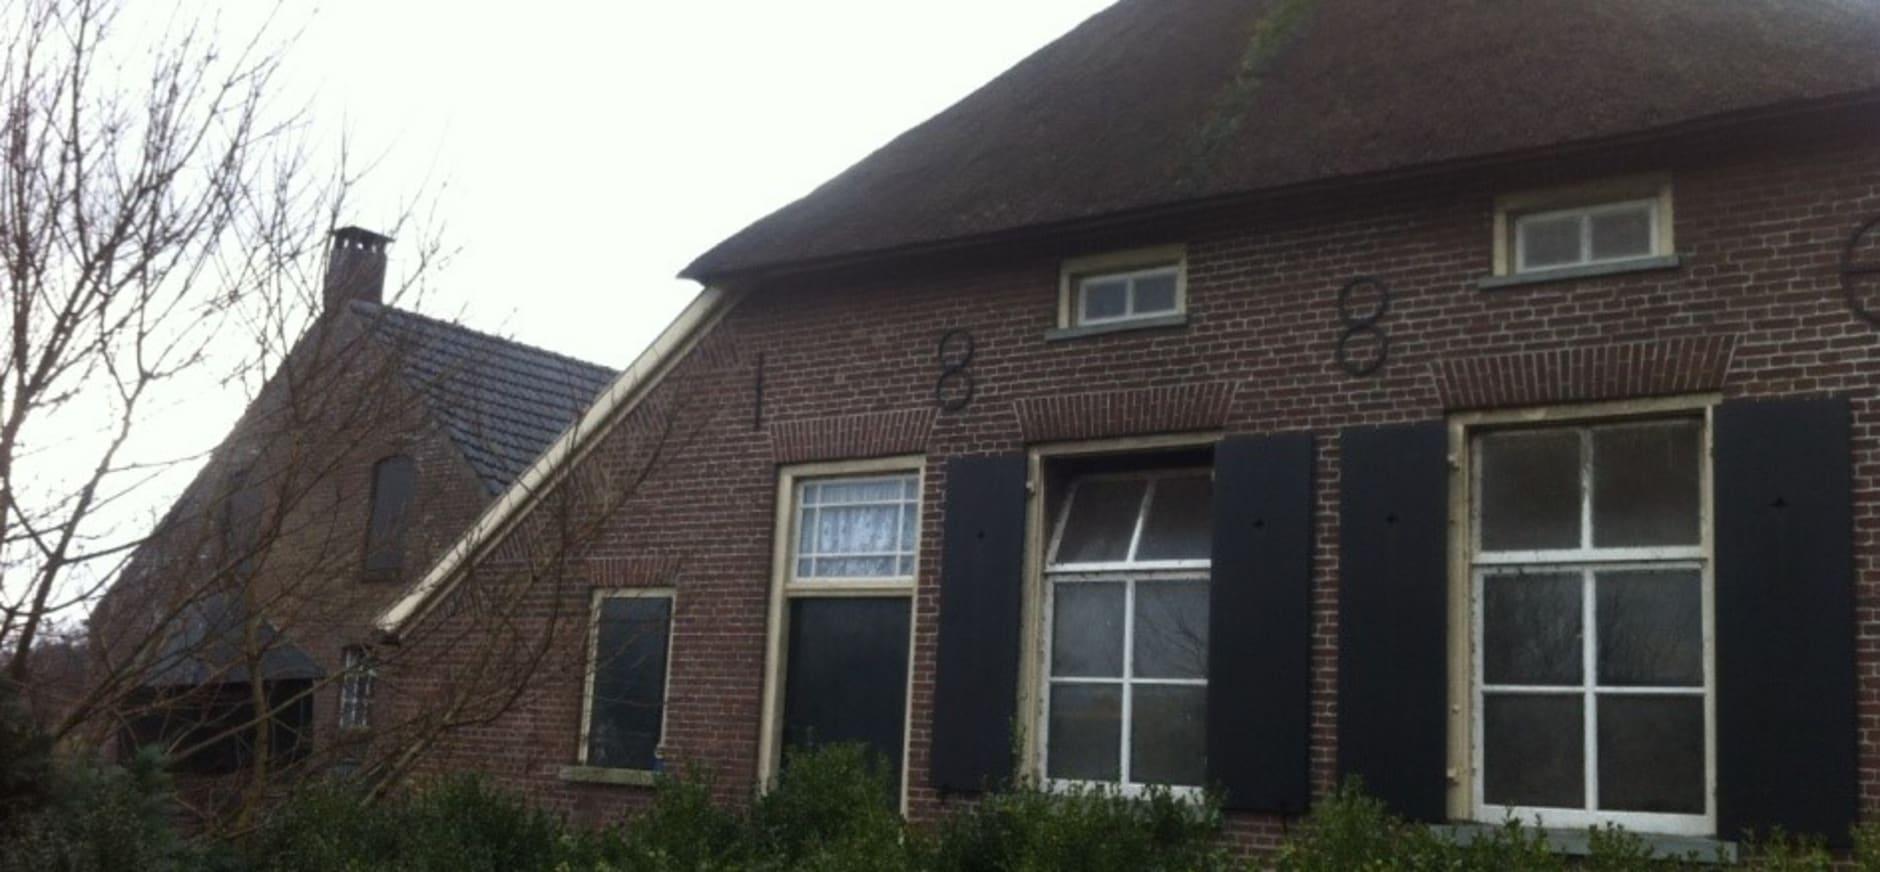 Historische boerderij aan Beckenstraat 1, Vierakker op Hackfort